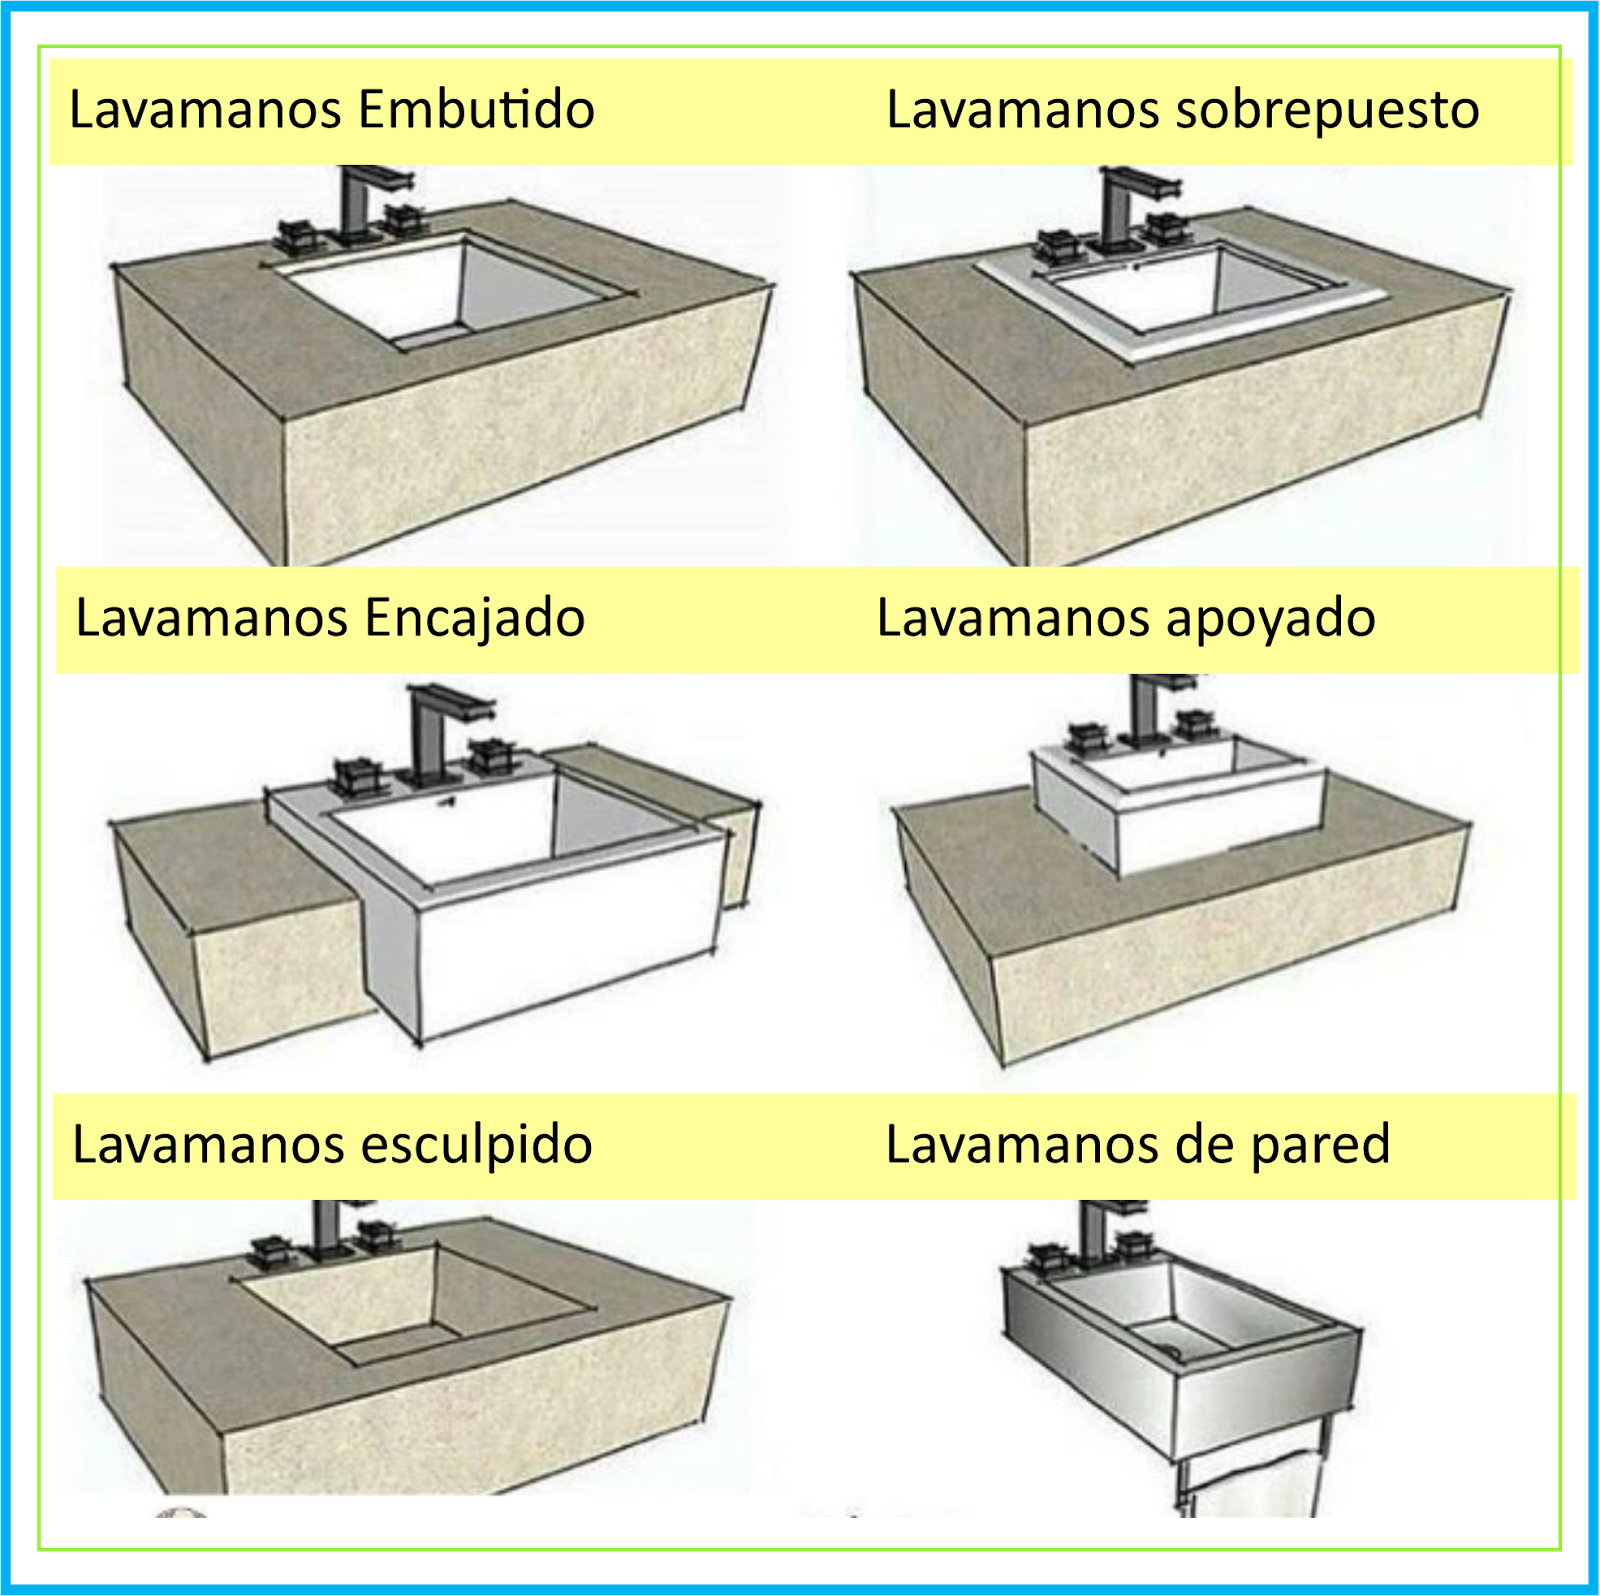 101 planos de casas dise os de lavamanos para el cuarto for Lavamanos sobrepuesto